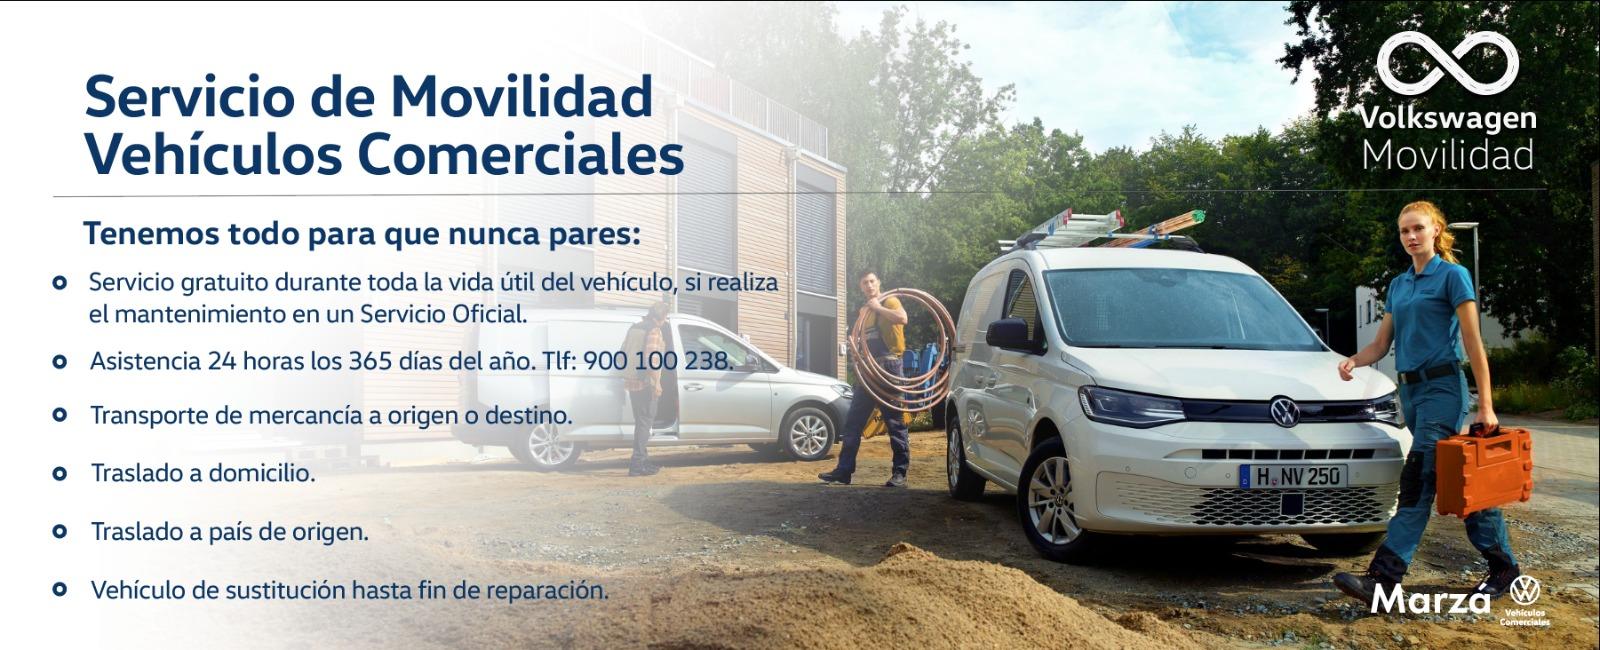 Servicio de Movilidad Volkswagen para Vehículos Comerciales